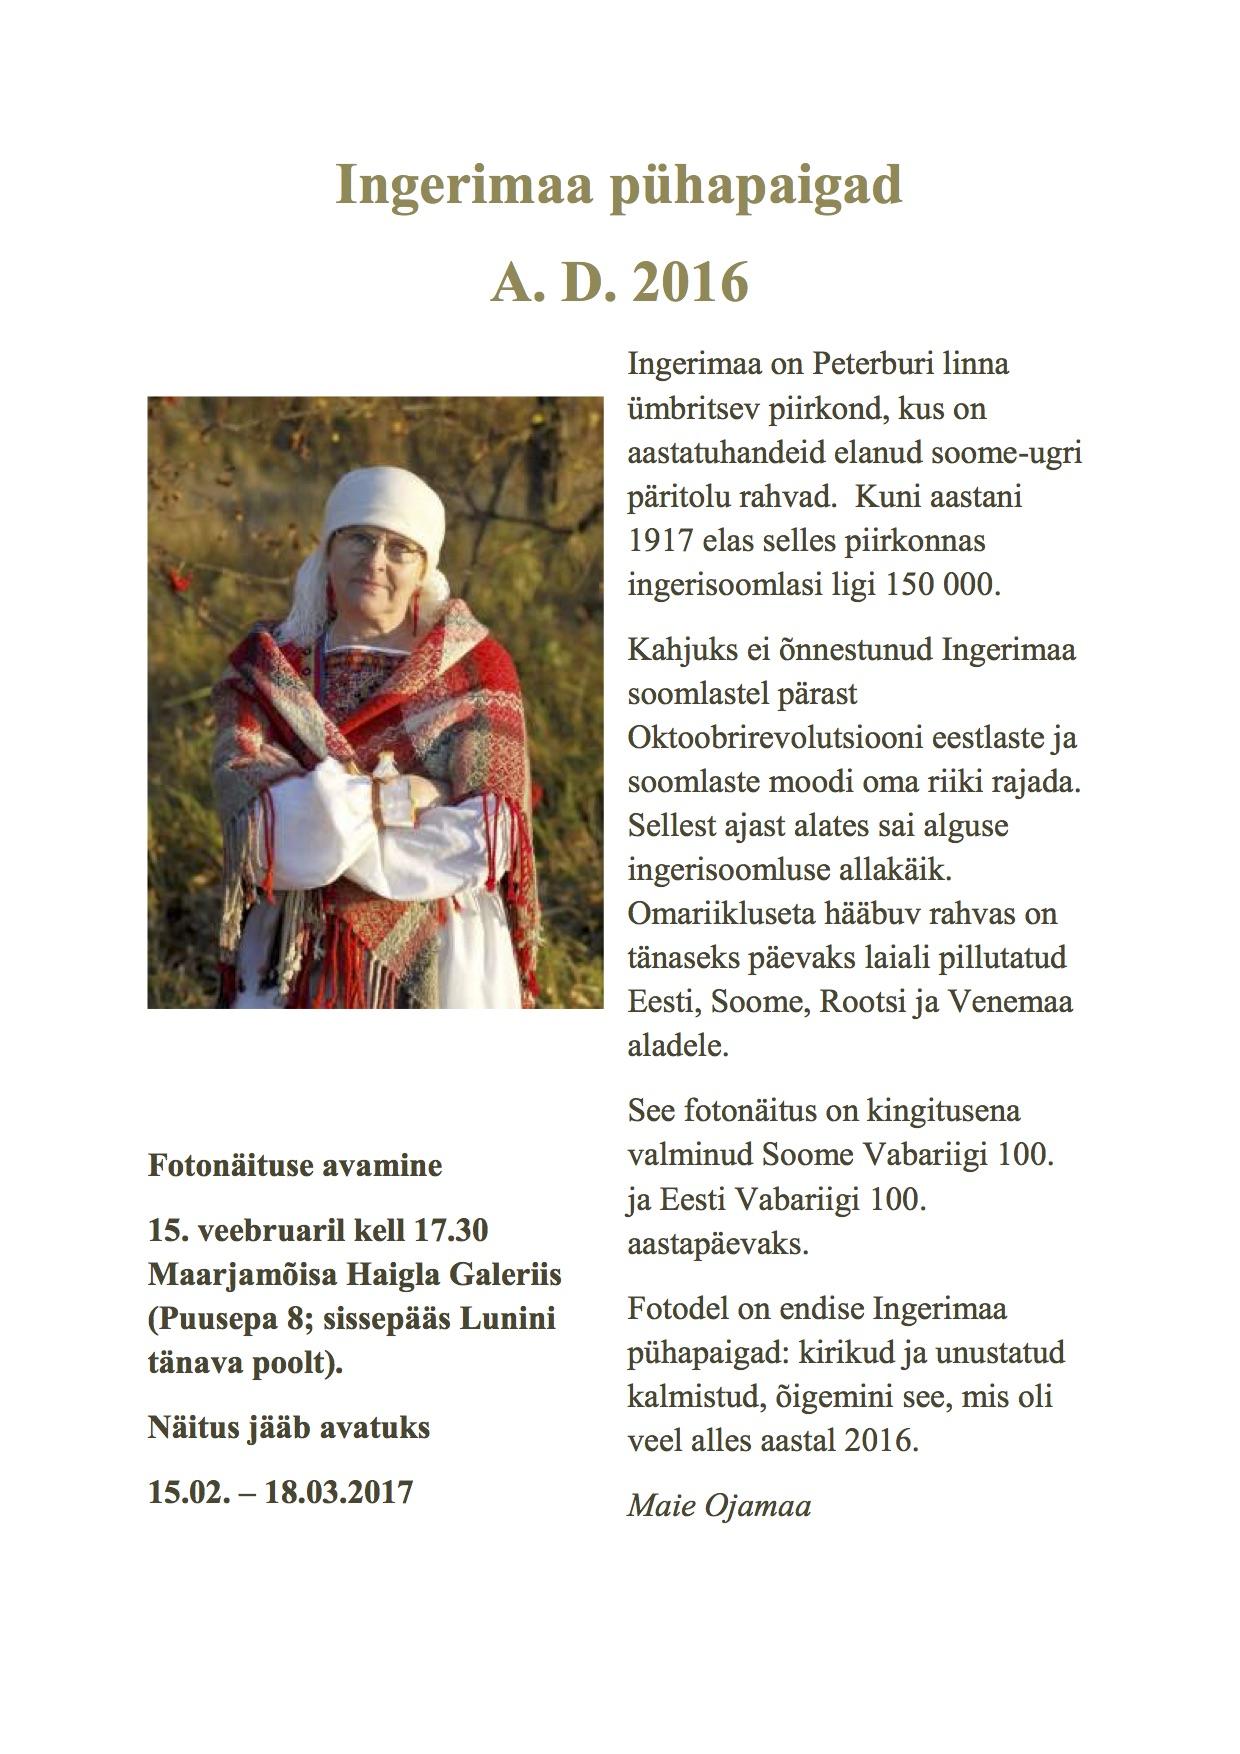 Maie Ojamaa näituse poster